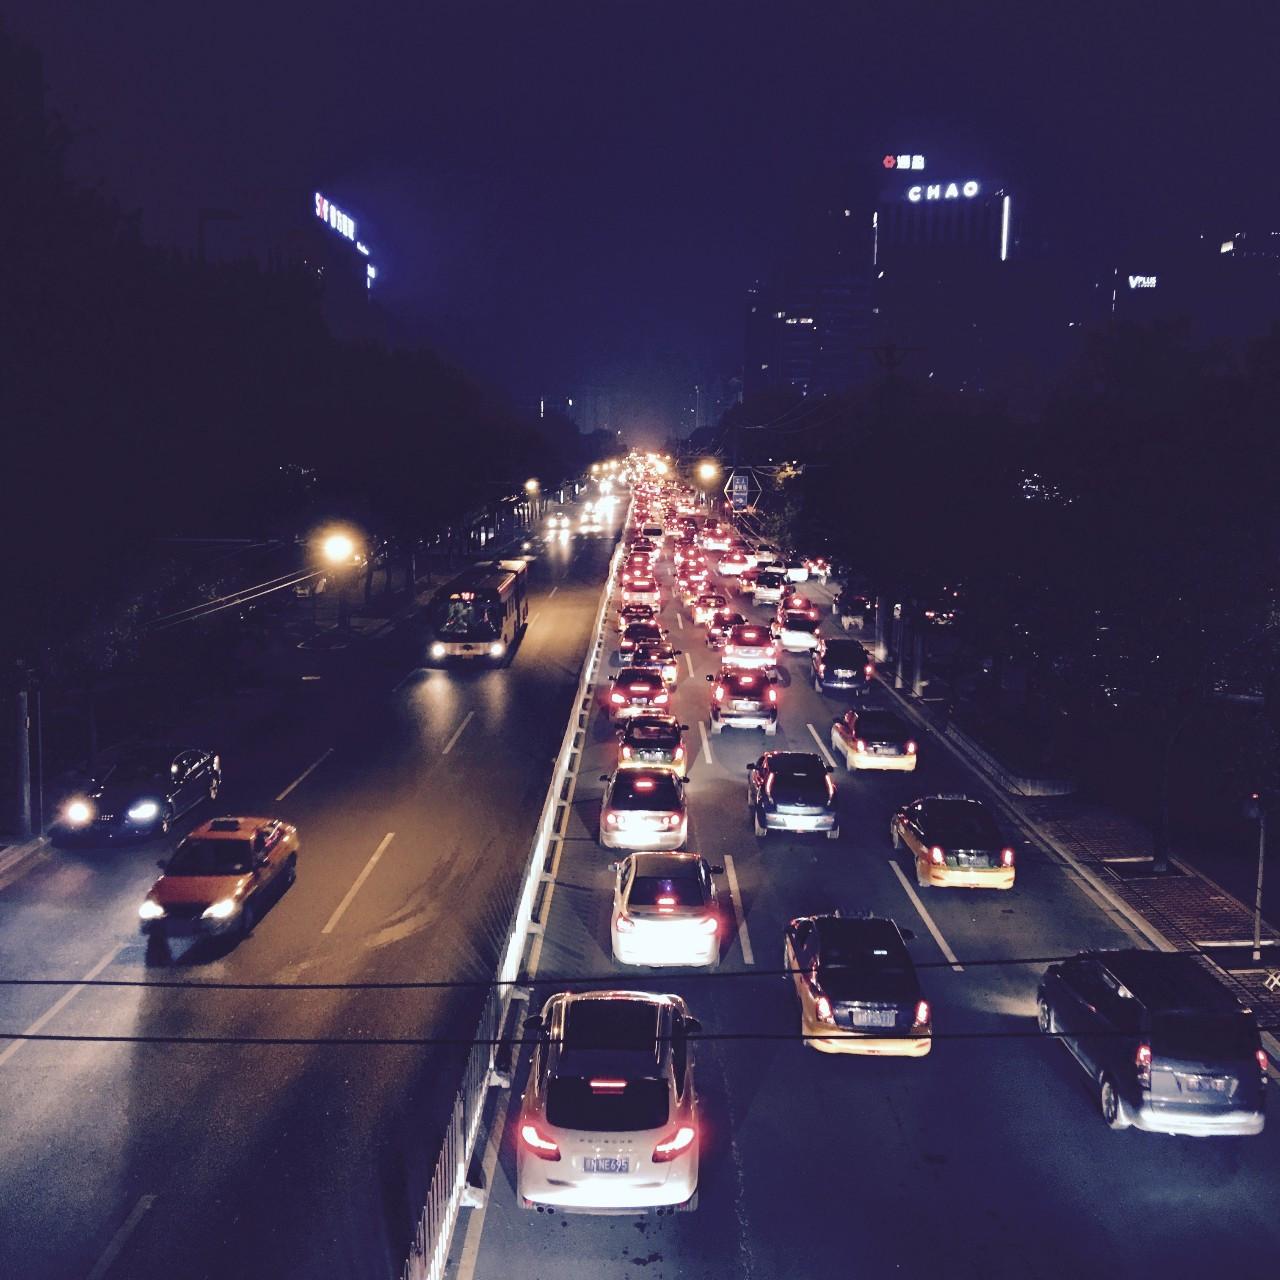 深夜打车70次,我见过这个城市最没有防备的一面